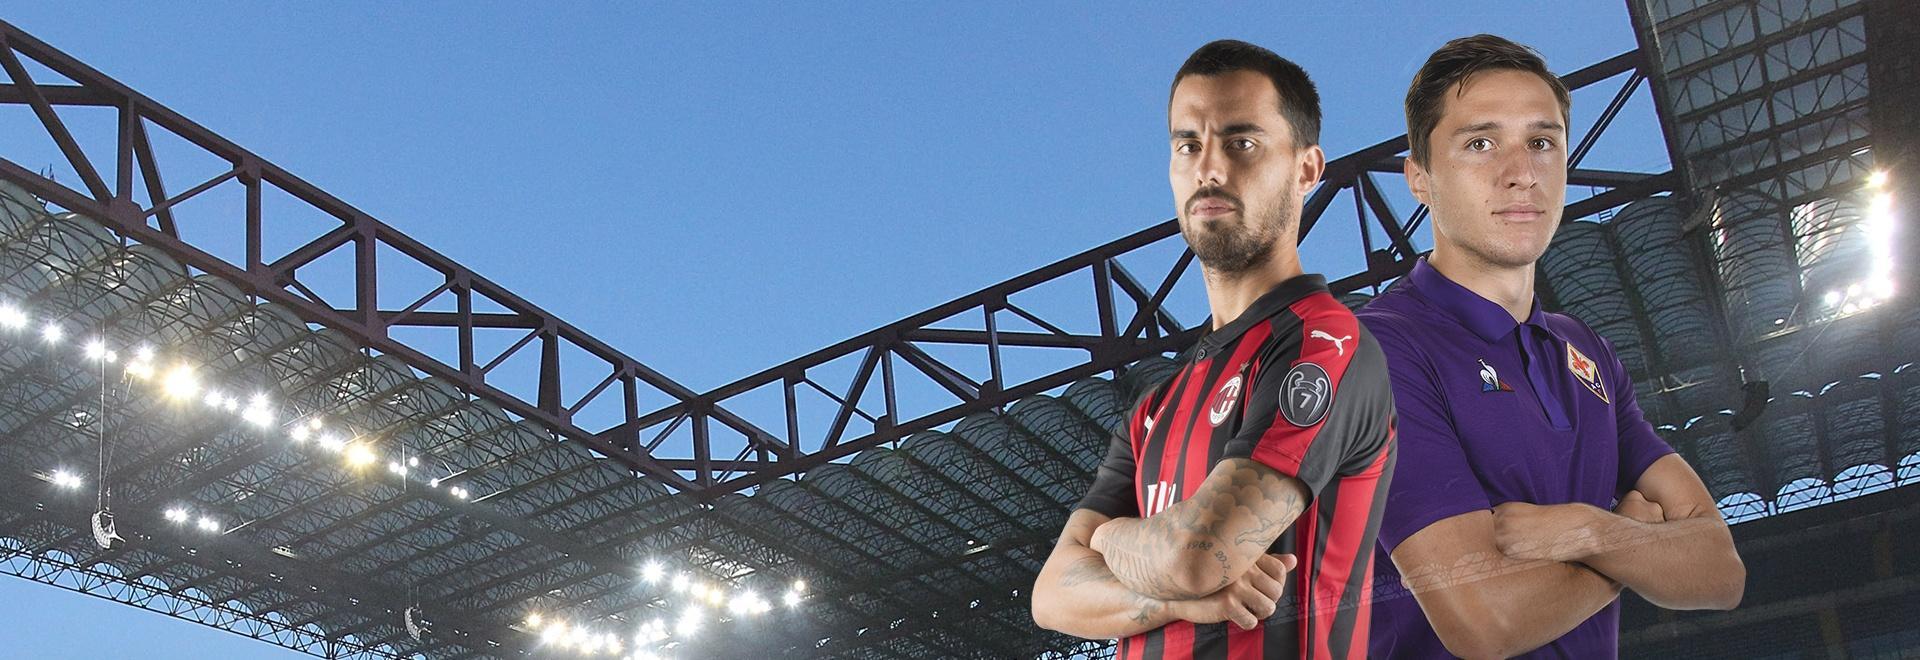 Milan - Fiorentina. 17a g.